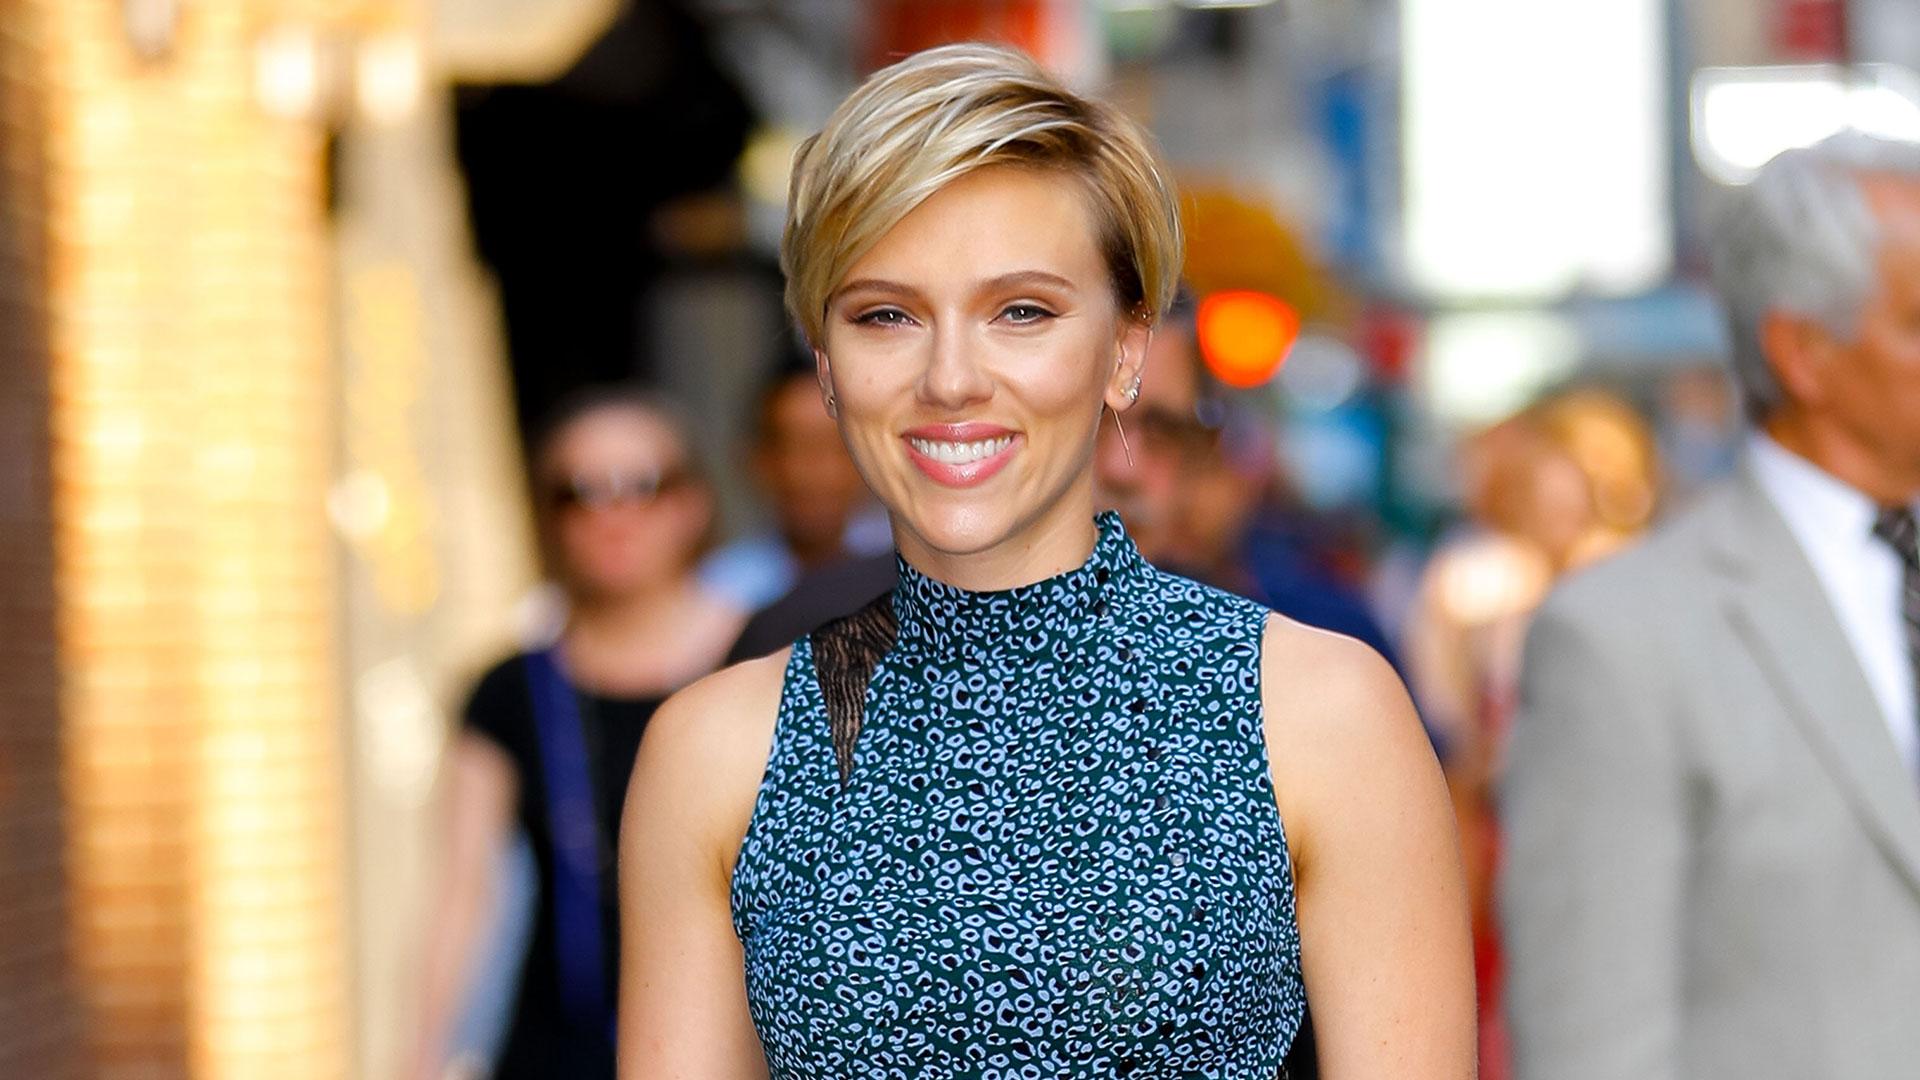 La actriz forma parte del exitoso universo cinematográfico de Marvel, en donde ha interpretado, en diferentes películas, al personaje de Black Widow